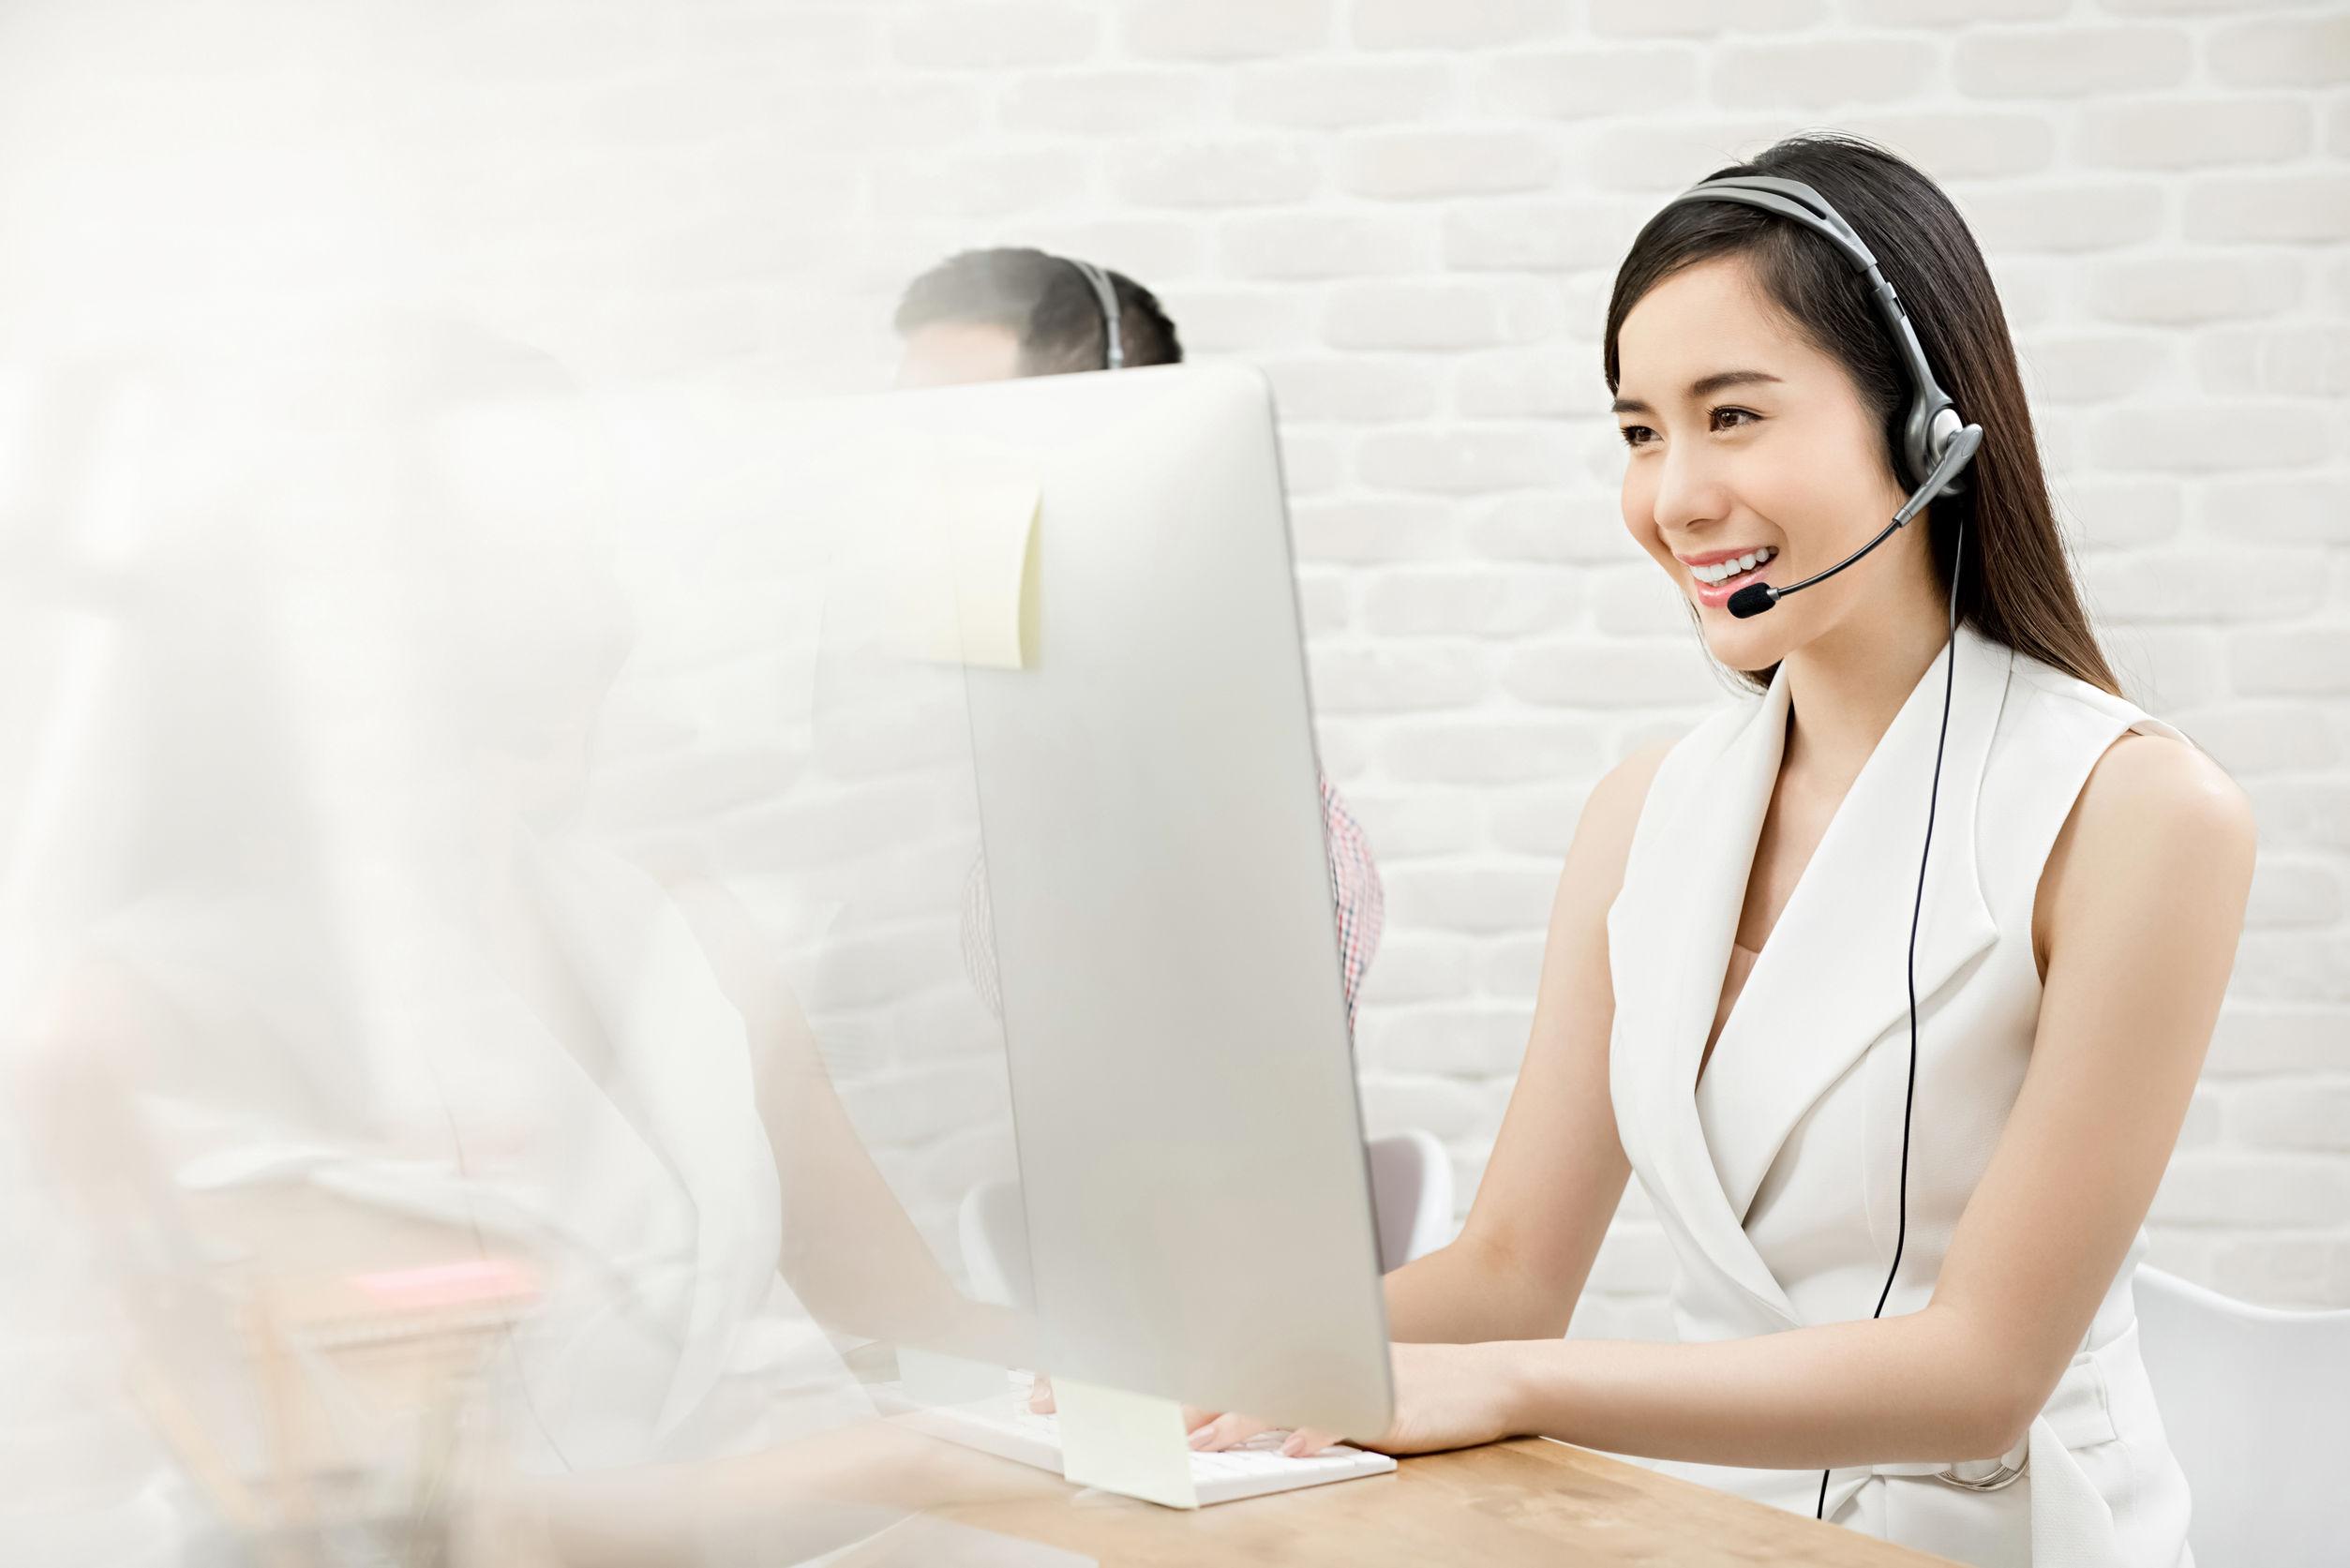 Customer Service BNI, Pilihan Terbaik Untuk Pelayanan Perbankan Yang Aman Dan Terpercaya